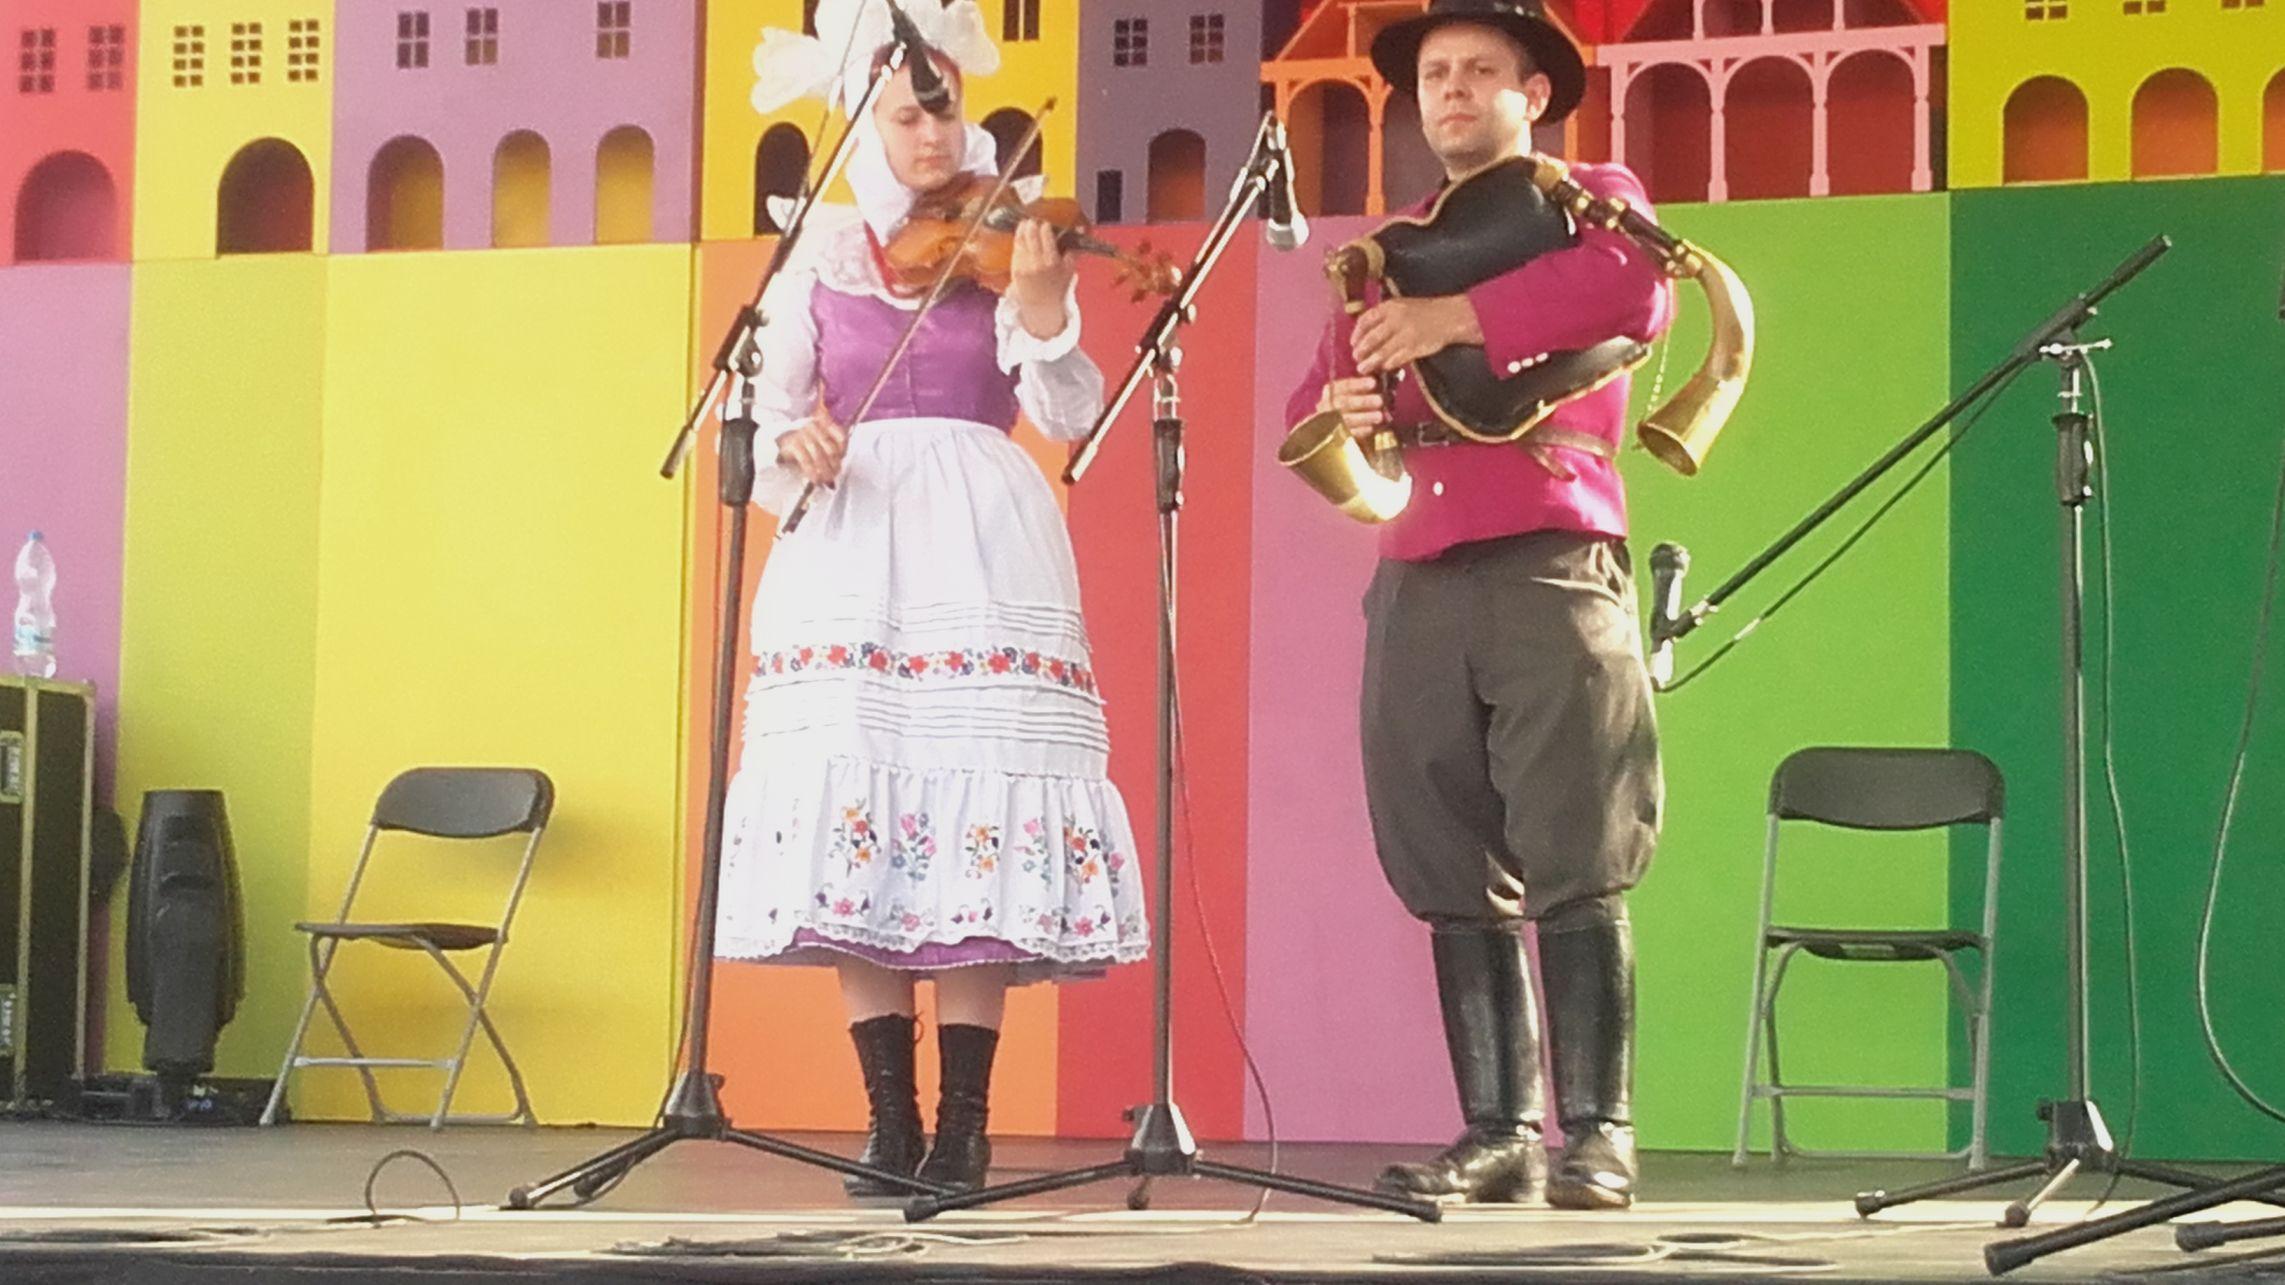 2016-06-25 Kazimierz Dolny - festiwal (87)